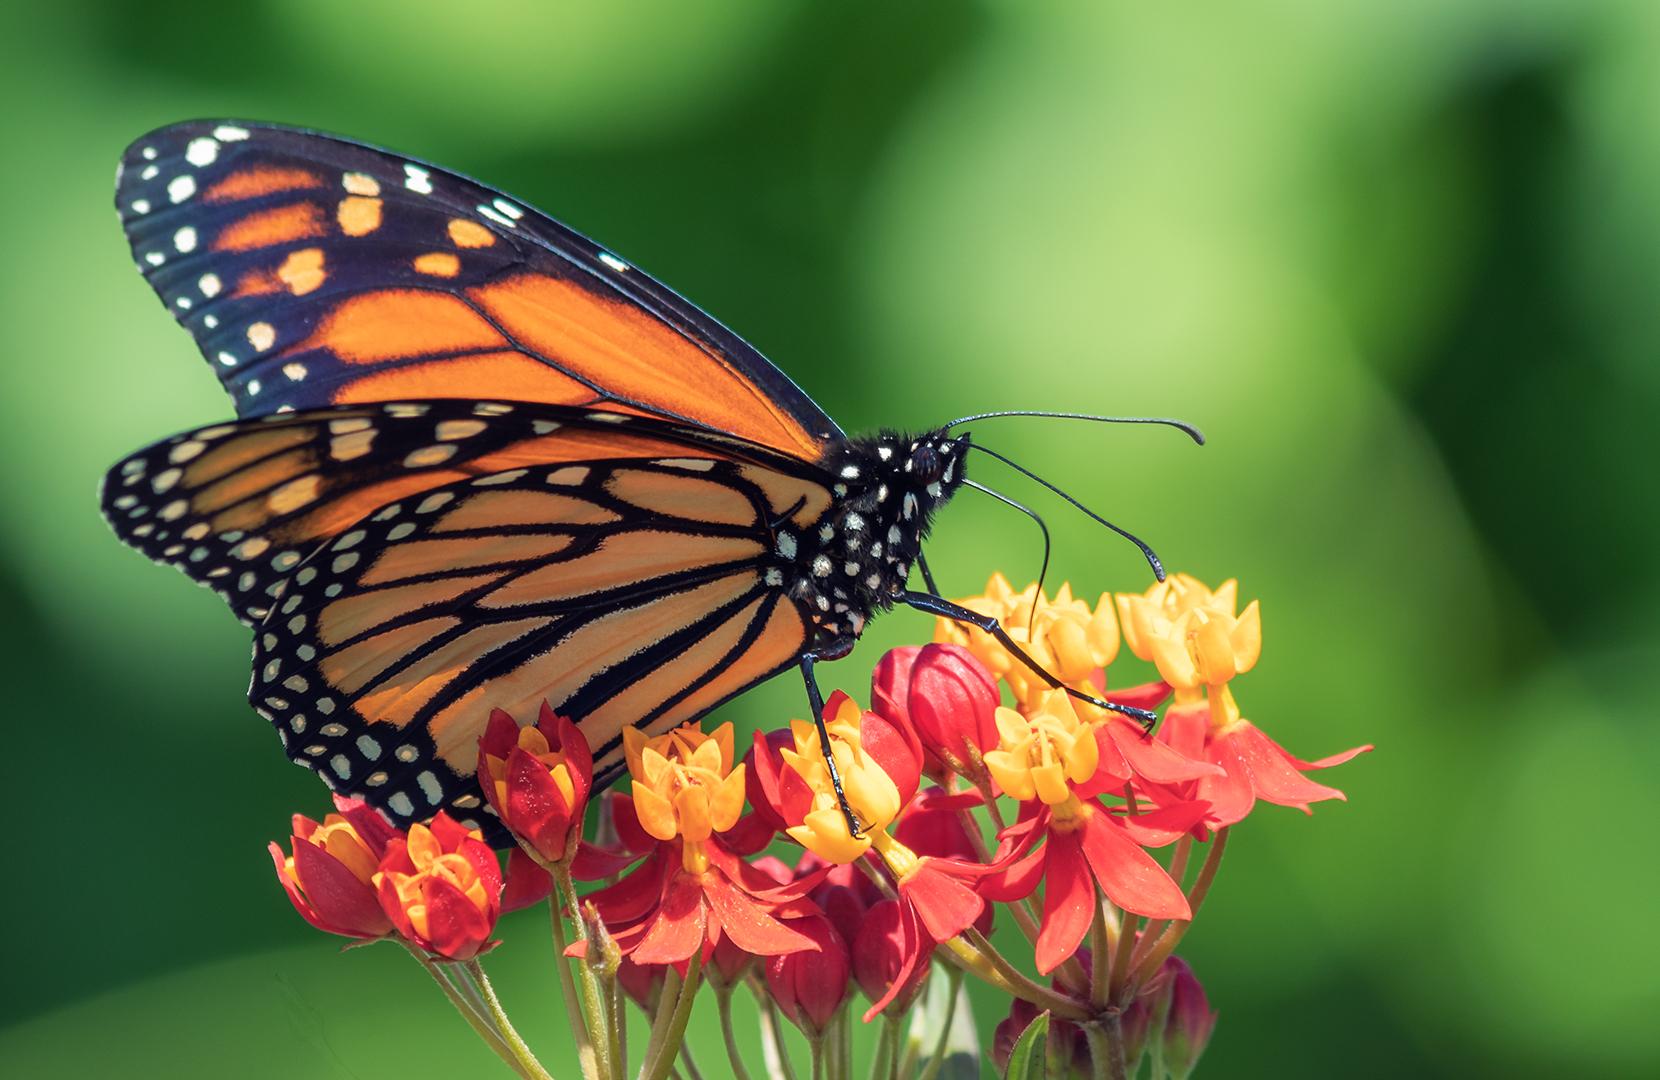 Cid Negri – Monarch on Milkweed – 3RD